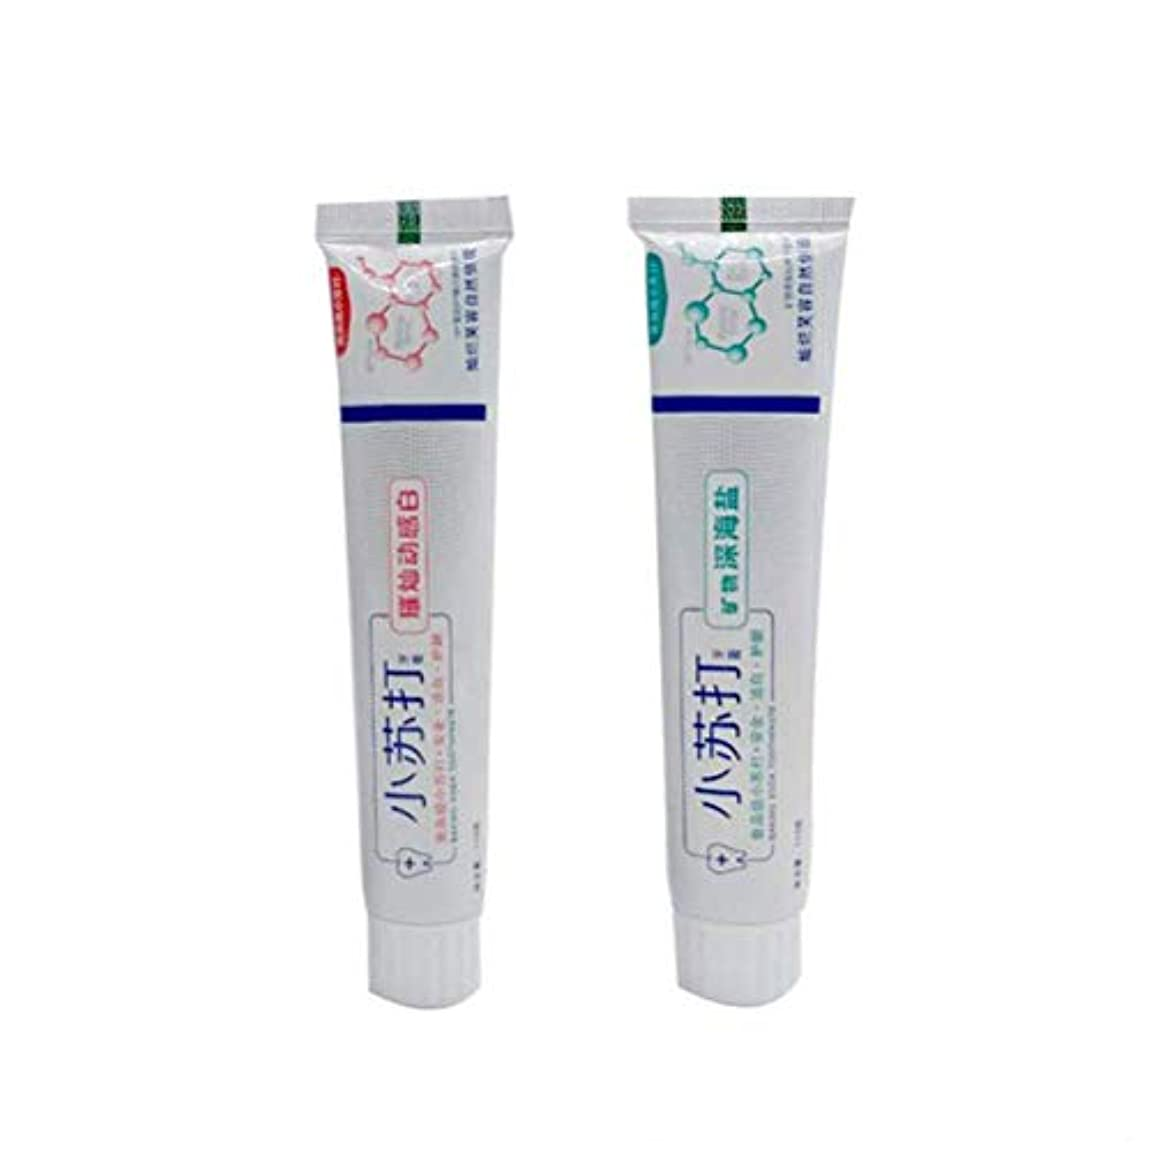 スライム鋭くアリーナSefod 2PCS美白用歯磨き粉 小ソーダ 天然草本の精華 美白/歯周病予防